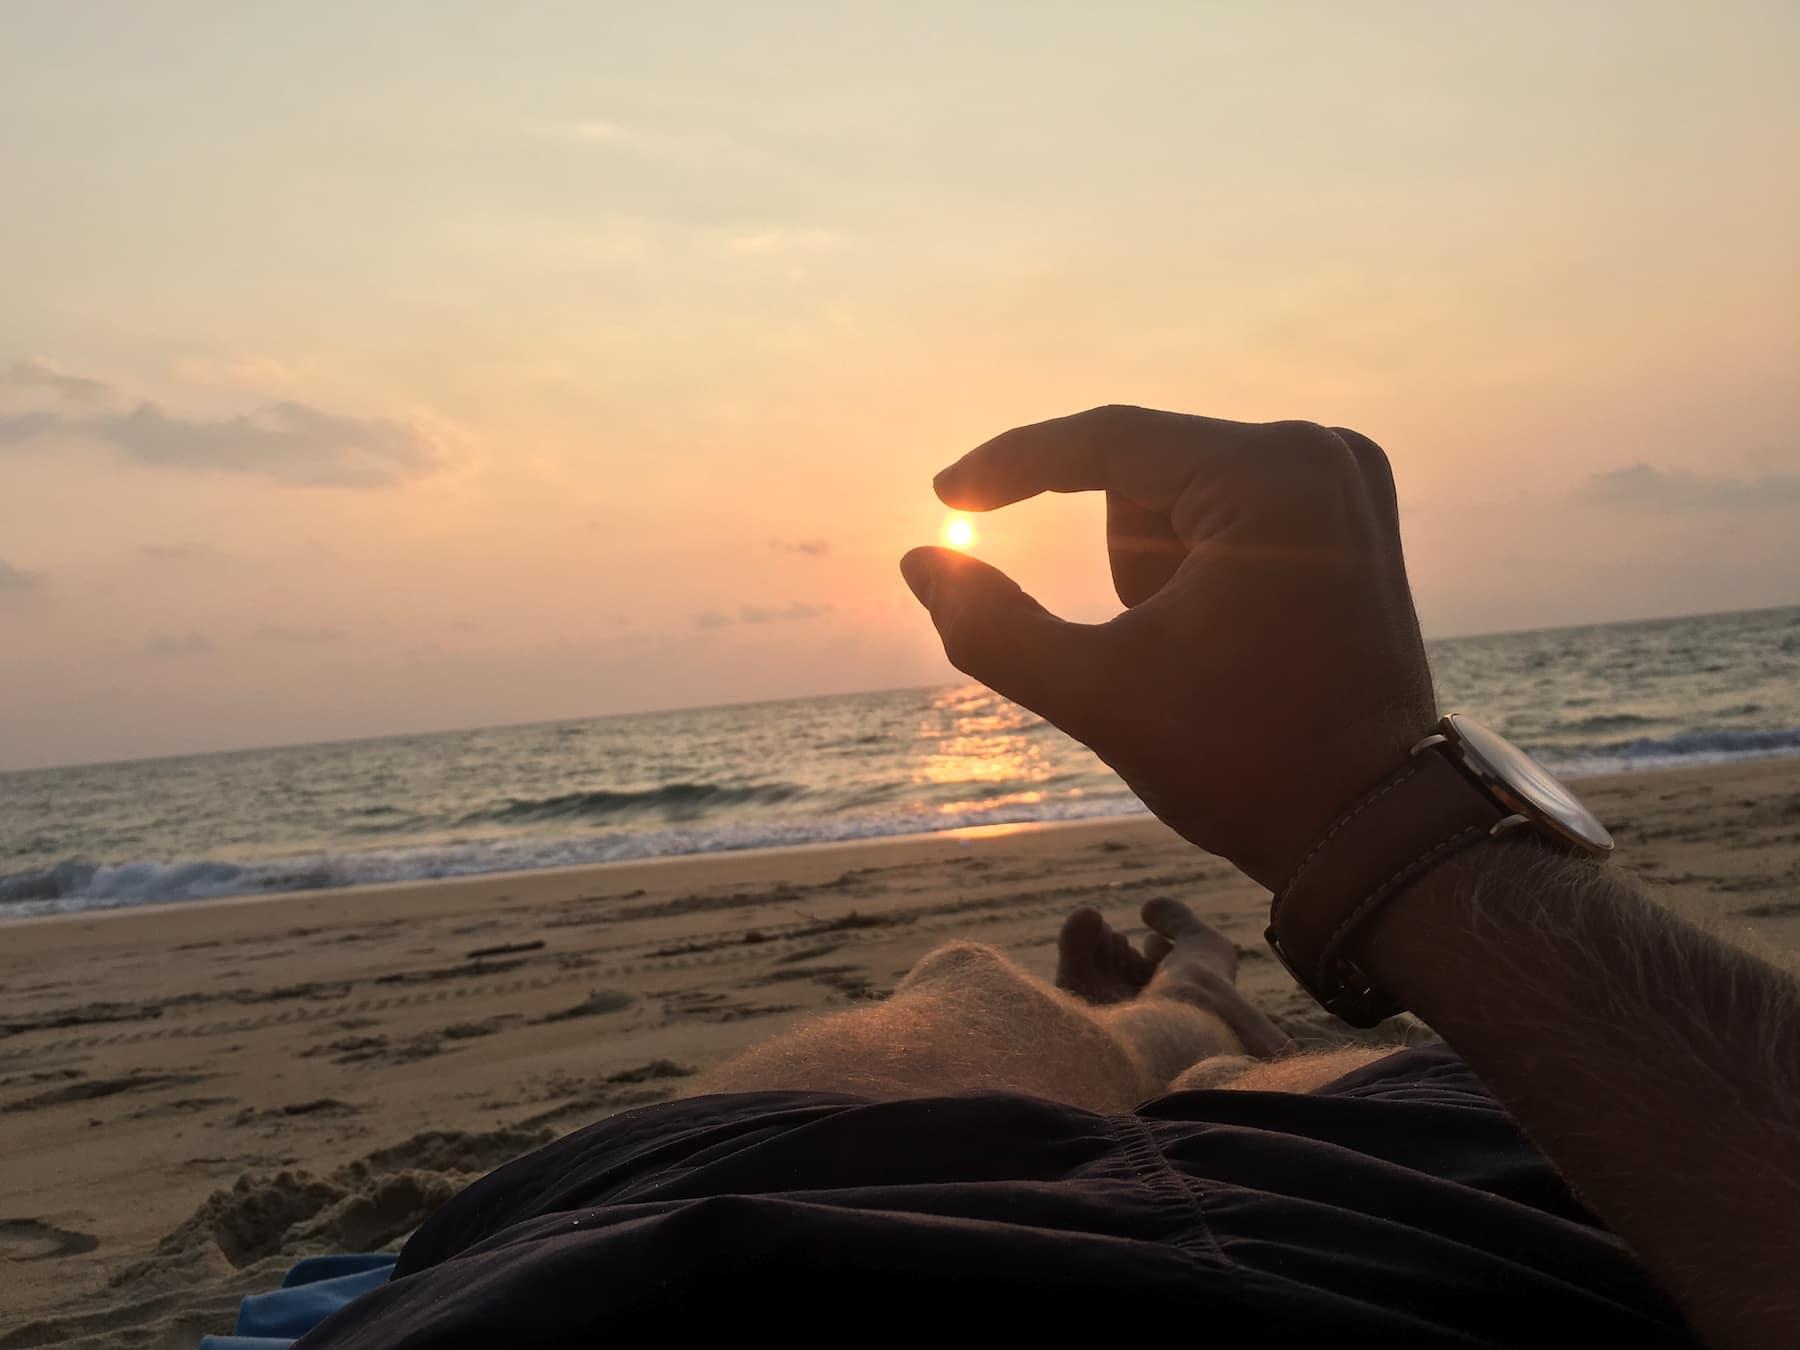 Paskutinės dienos nuotrauka: Saulėlydis Tailande